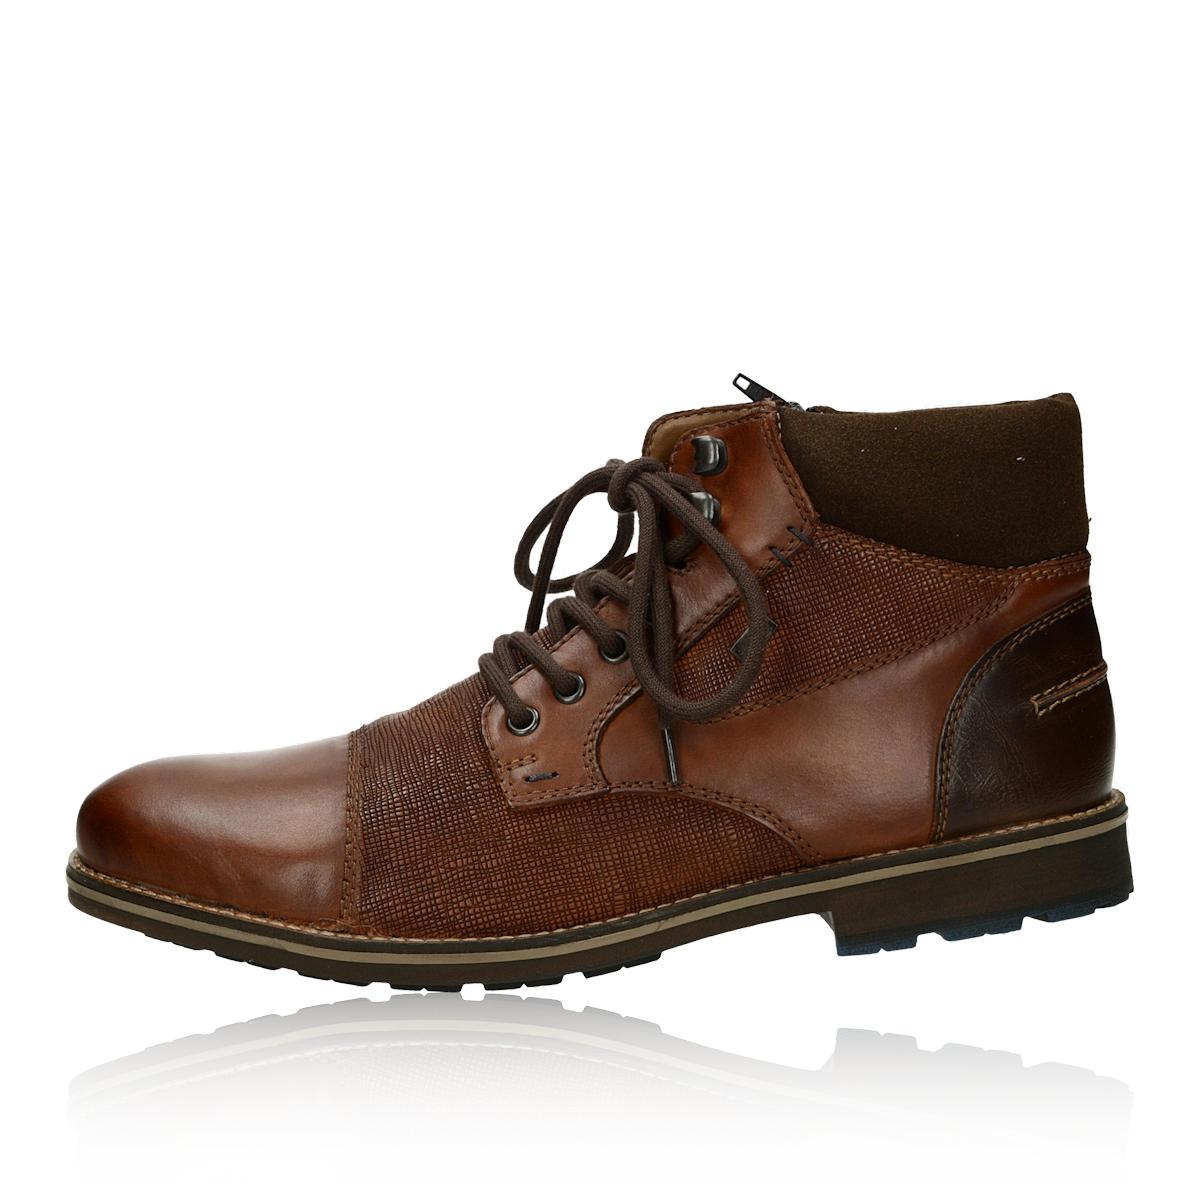 Rieker pánska štýlová členková obuv na zips - hnedá